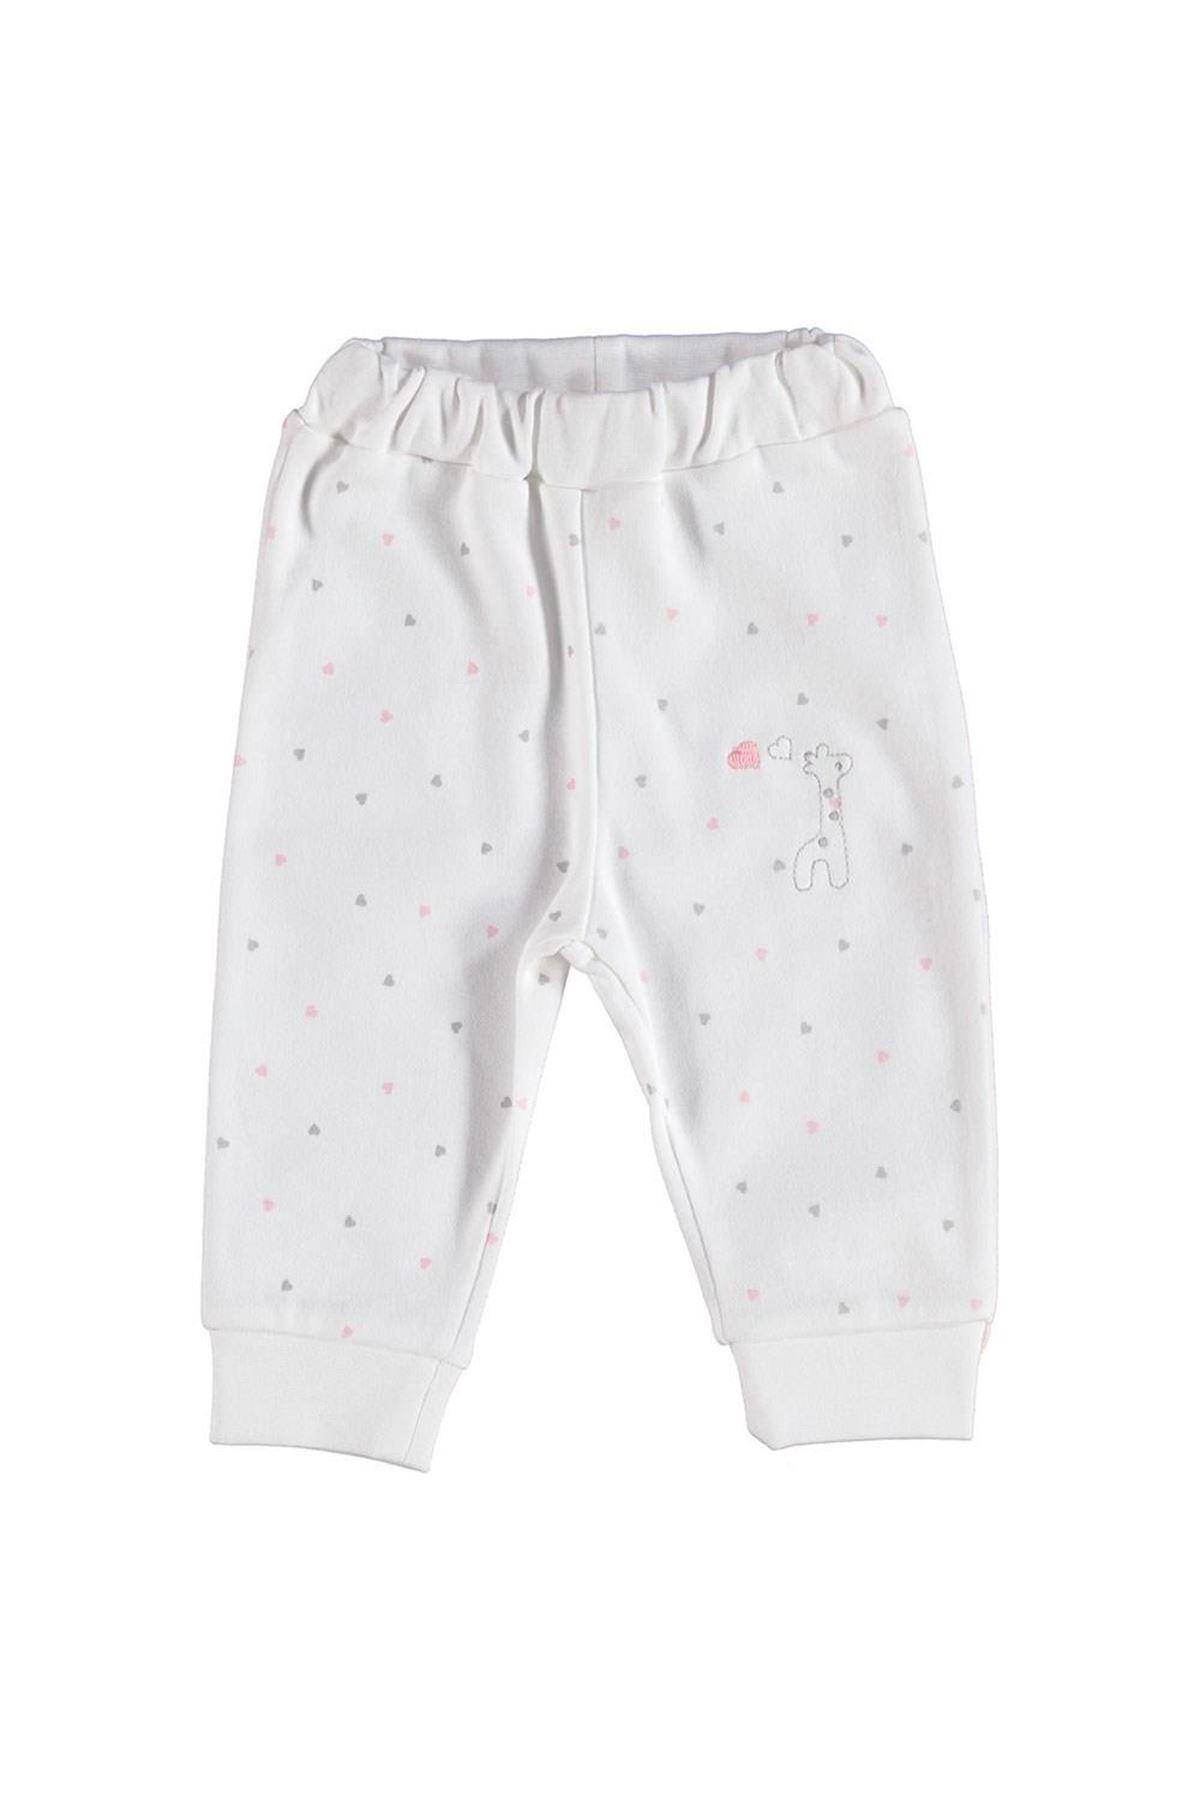 Bibaby Bi Organik Baby Gıraffe Patiksiz Pantolon 57495 Ekru Pembe